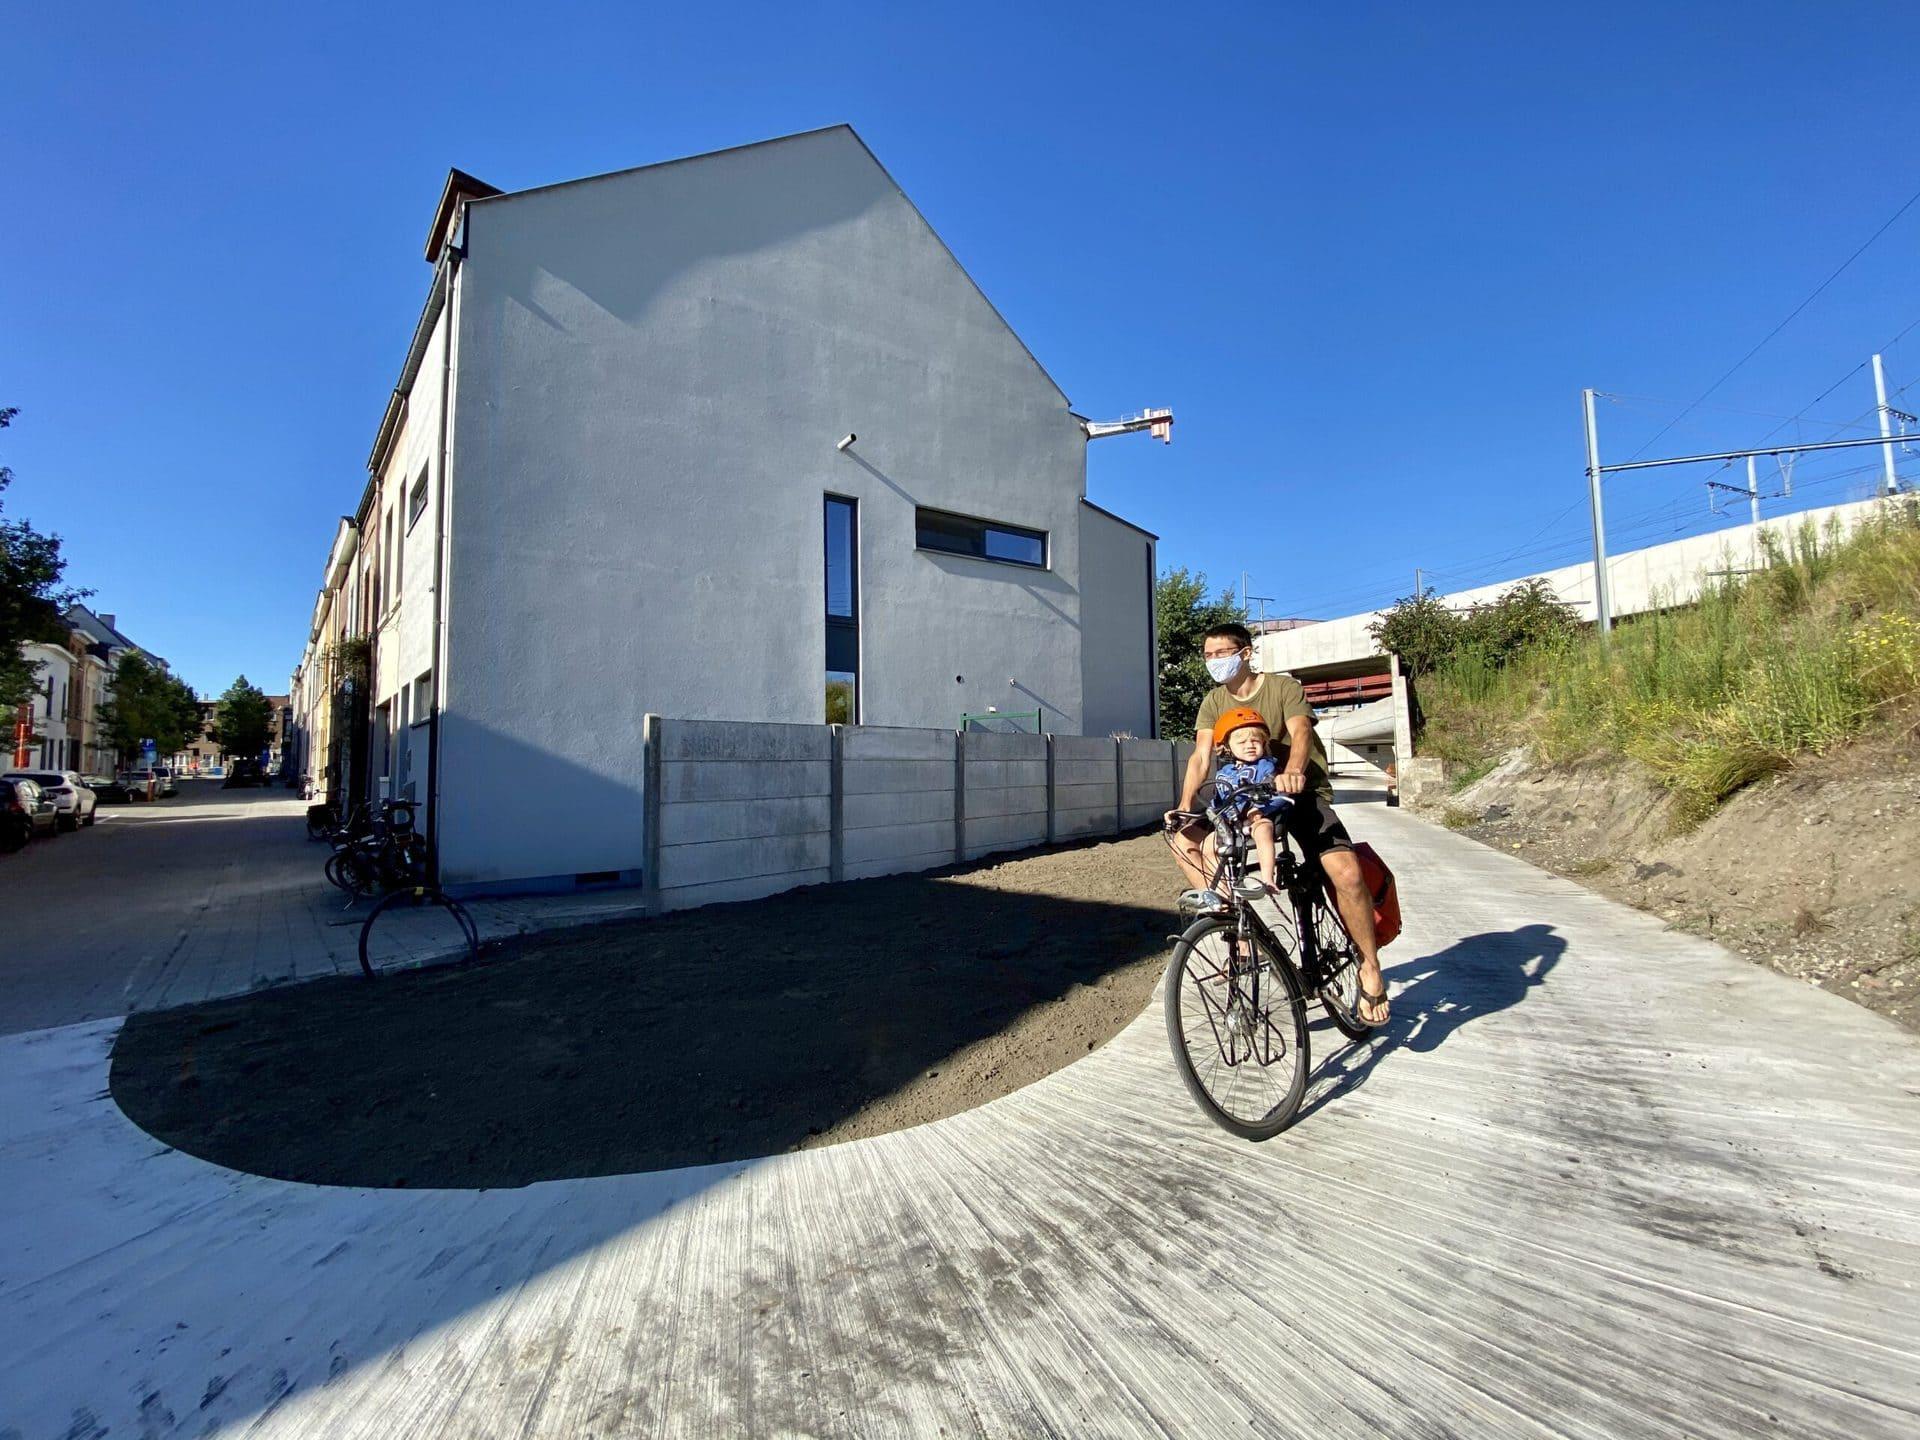 een stukje nieuw fietspad en verbint de wijk Arsenaal met het groen van de Dijlevallei.